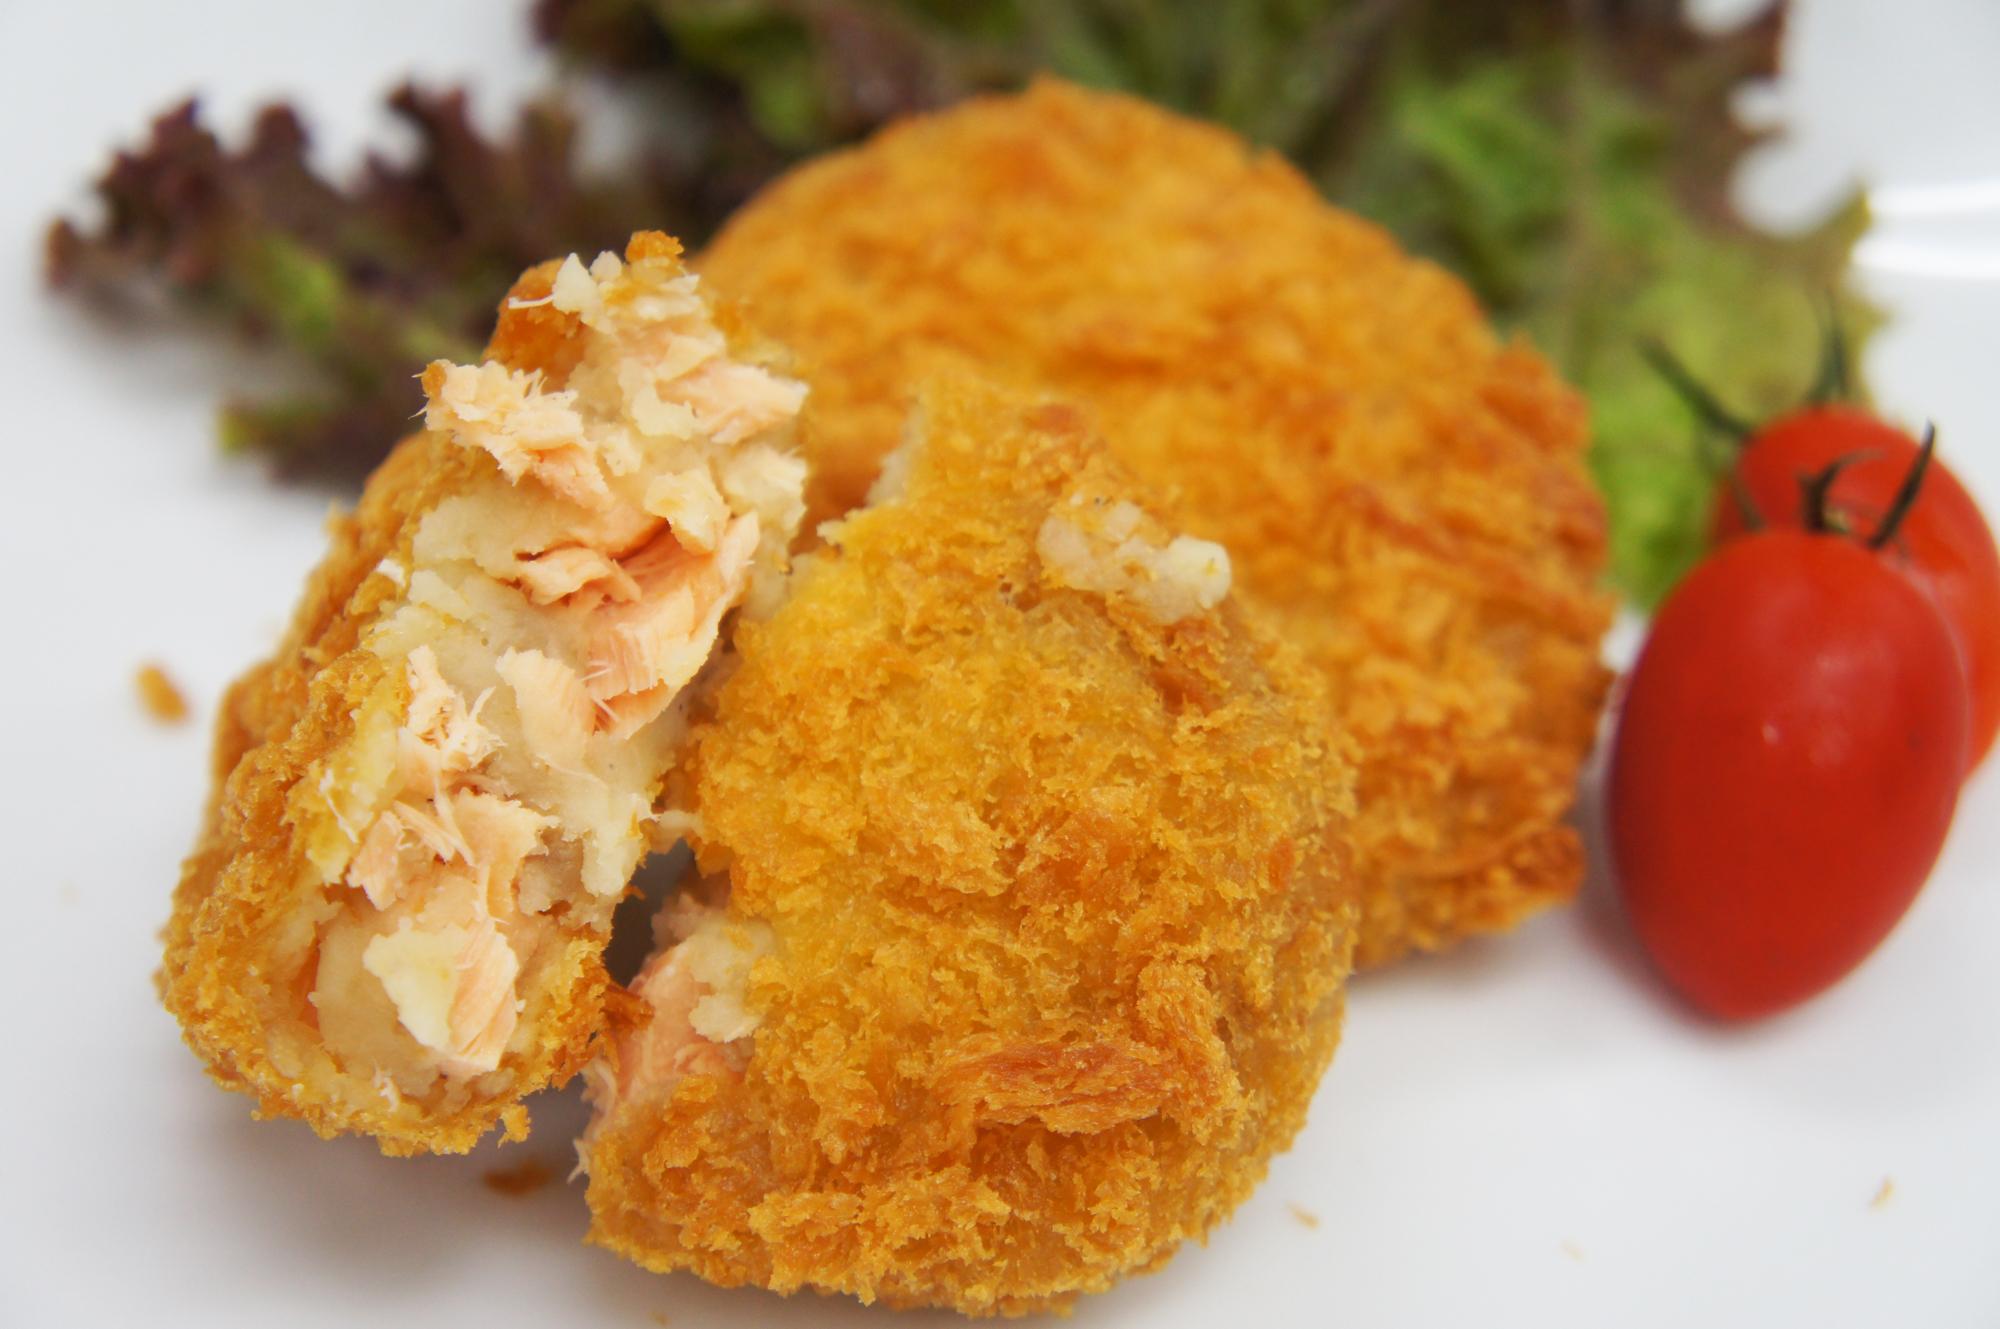 鮭とポテトのコロッケ